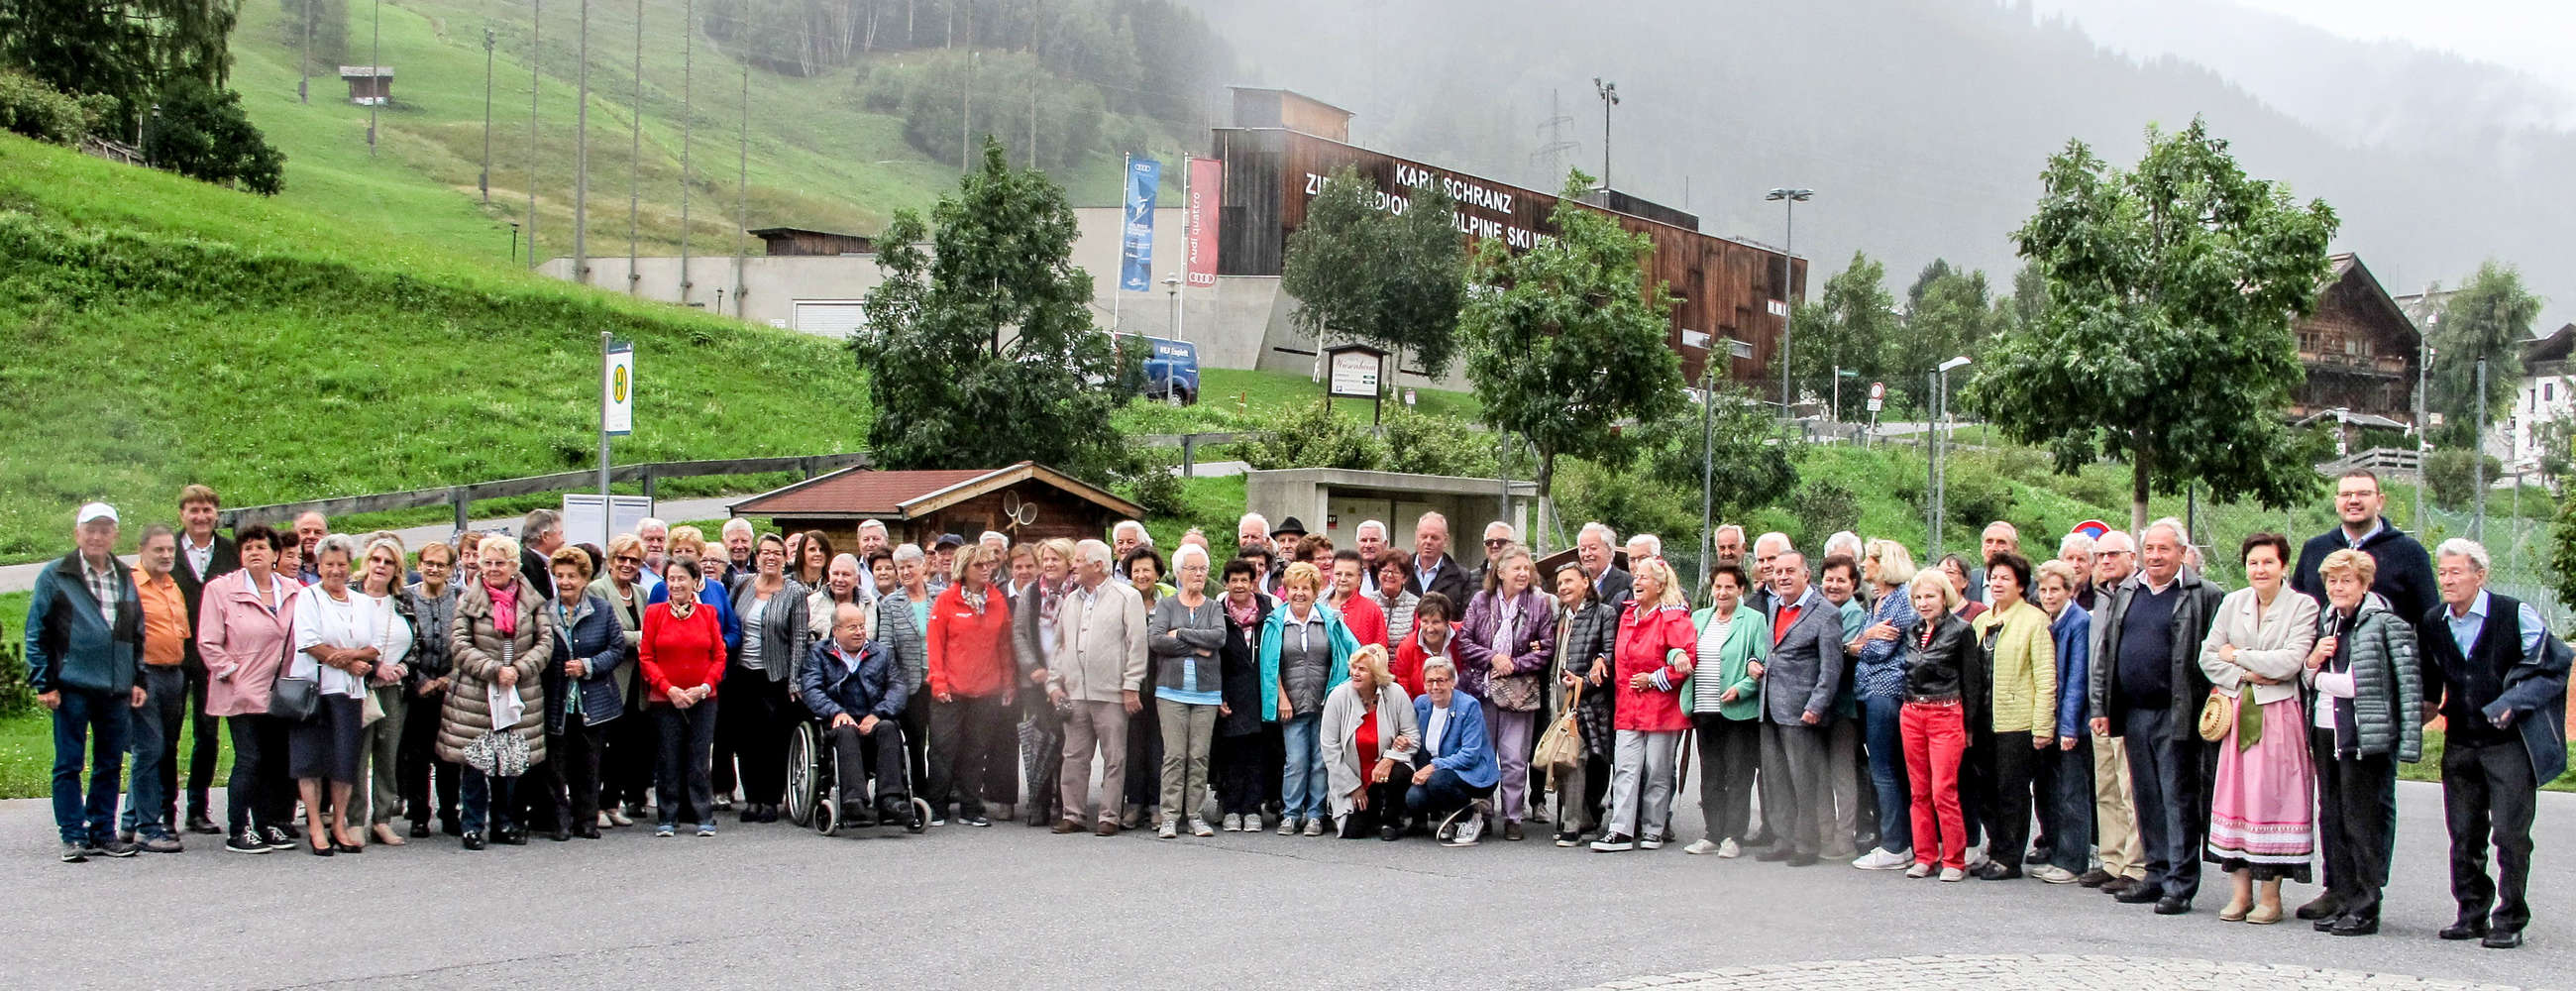 Dating aus pernitz - Oberalm senioren kennenlernen